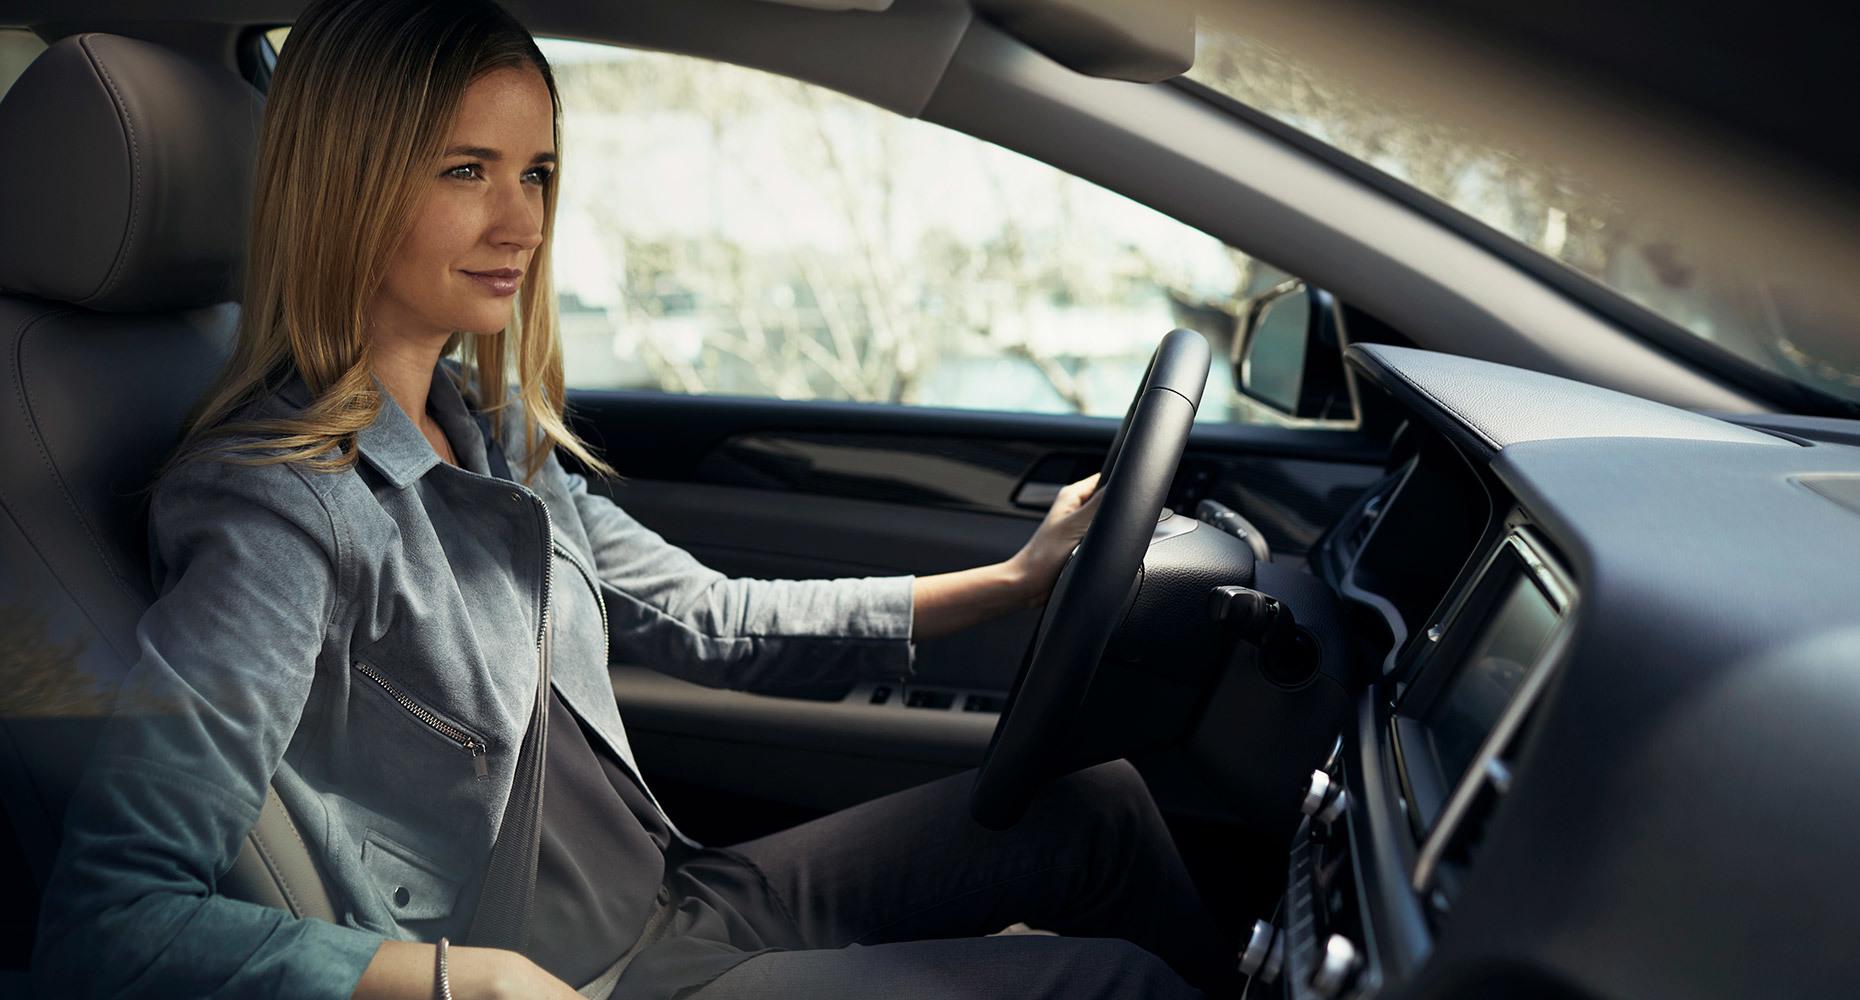 Tranh cãi phụ nữ lái ô tô dở hơn đàn ông